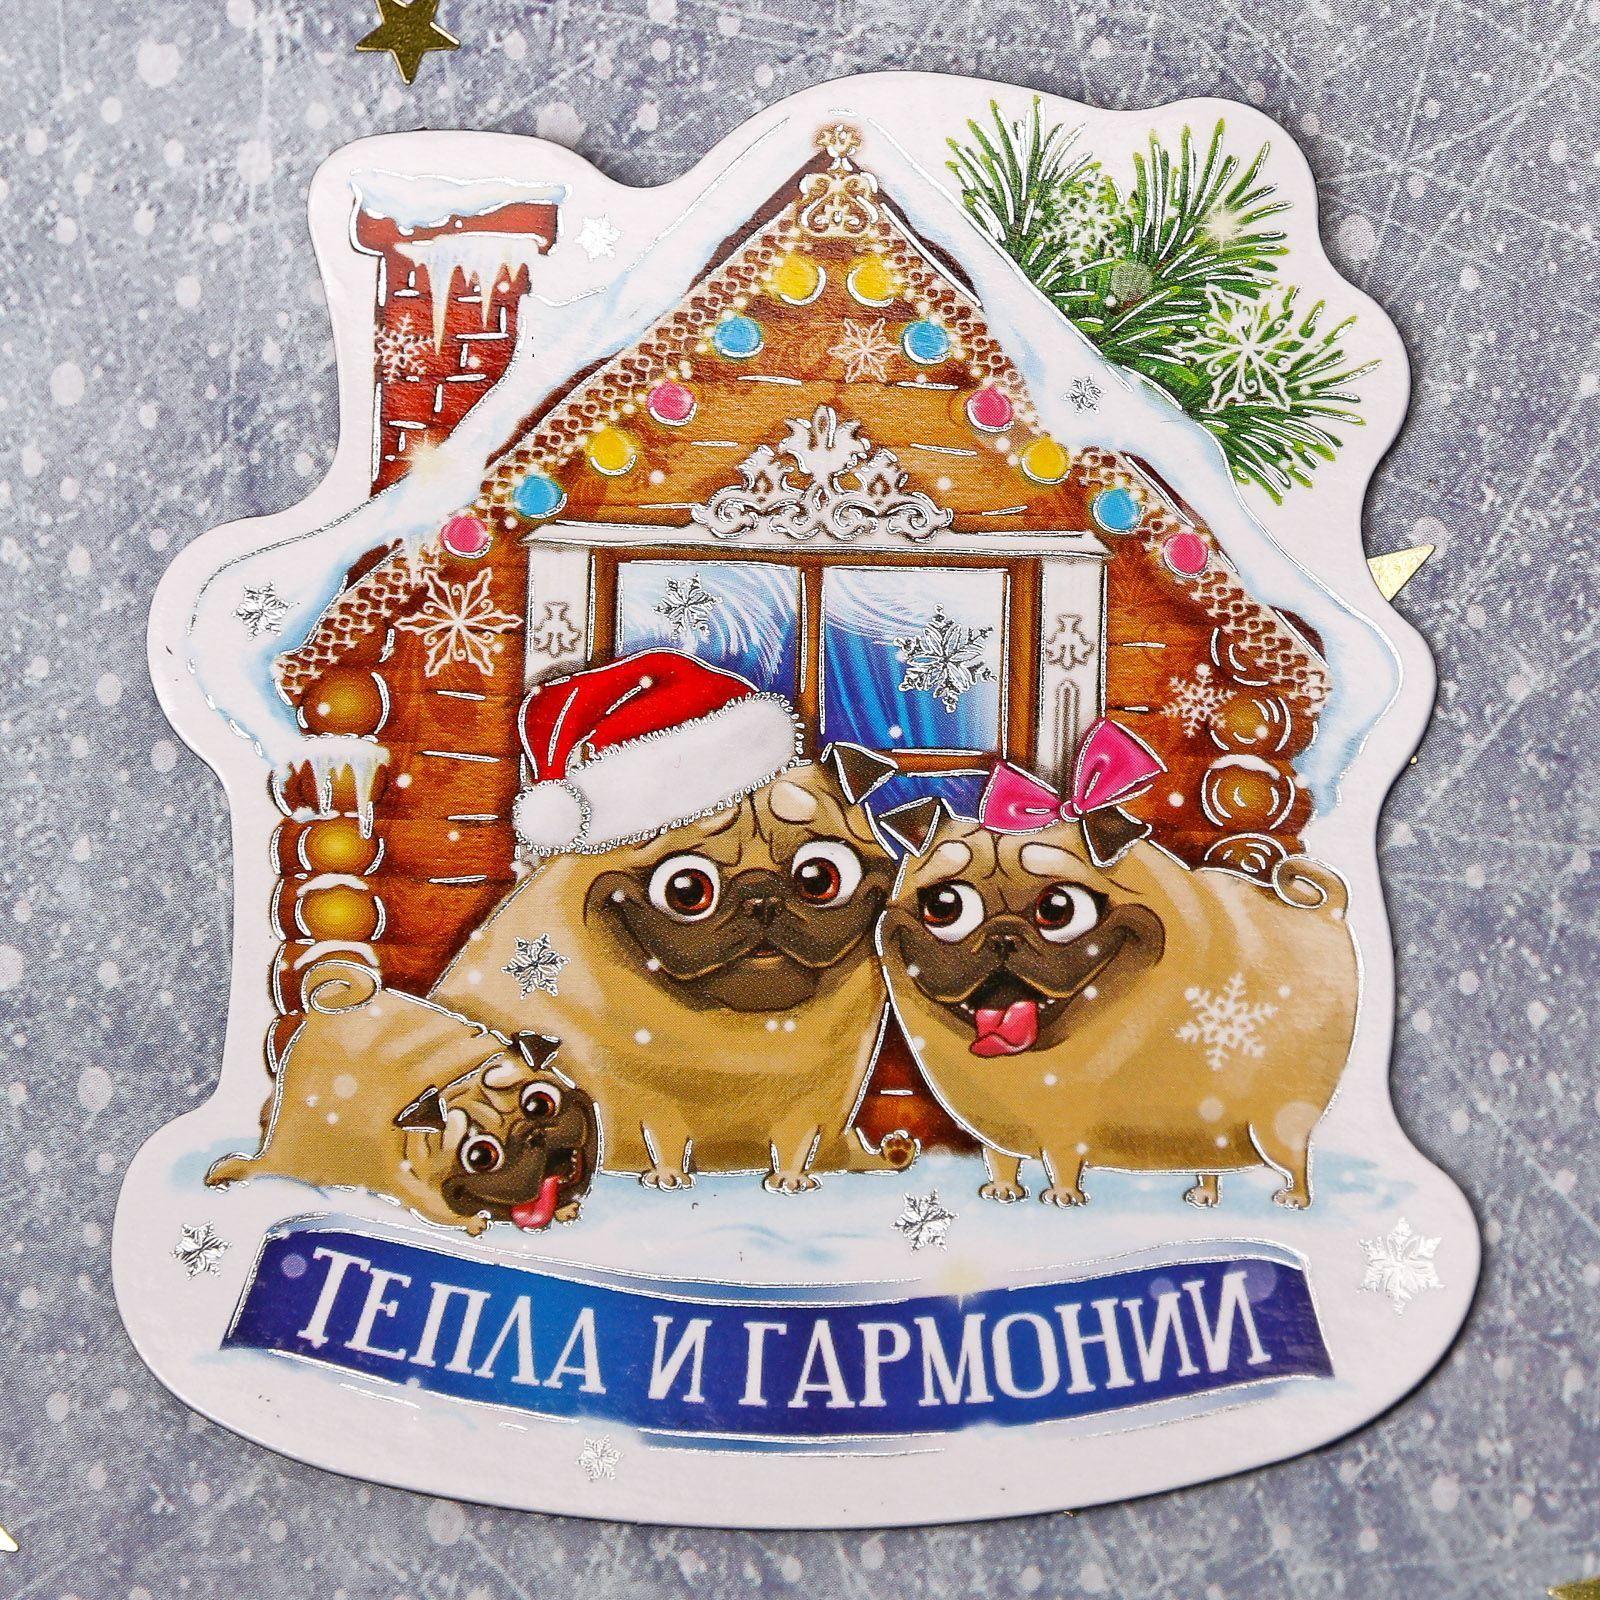 Магнит Sima-land Тепла и гармонии, 7,3 х 7,9 см1894052Порадуйте родных и близких оригинальным сувениром: преподнесите в подарок магнит. С ним даже самый серьёзный человек почувствует себя ребёнком, ожидающим чудо! Создайте праздничное настроение, и оно останется с вами на весь год.